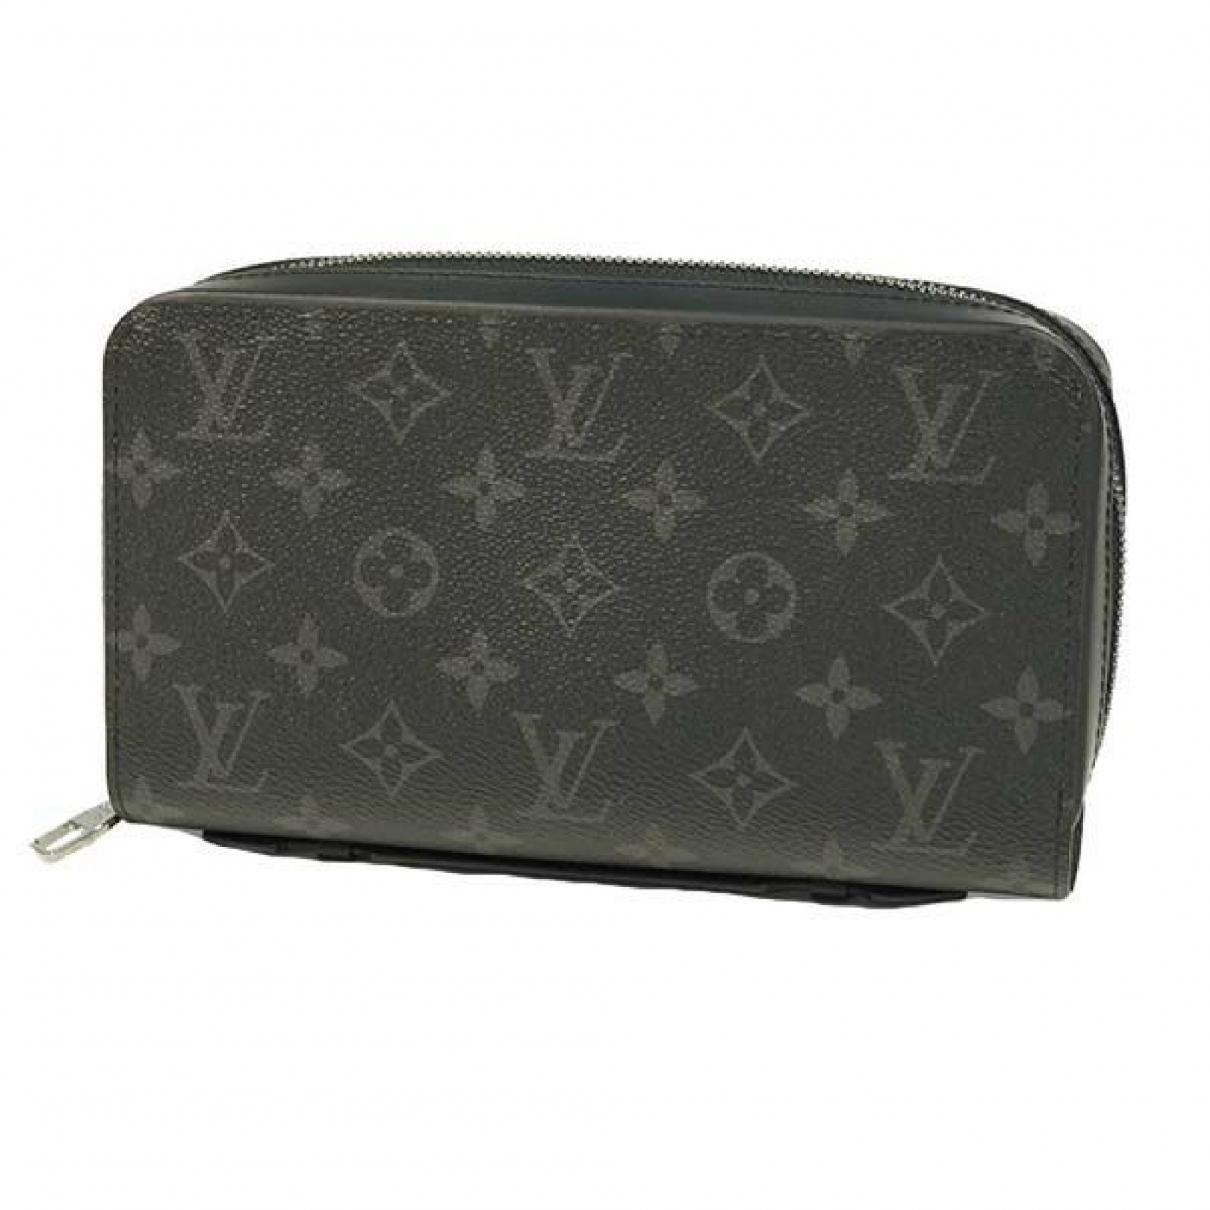 Louis Vuitton \N Portemonnaie in  Grau Leinen